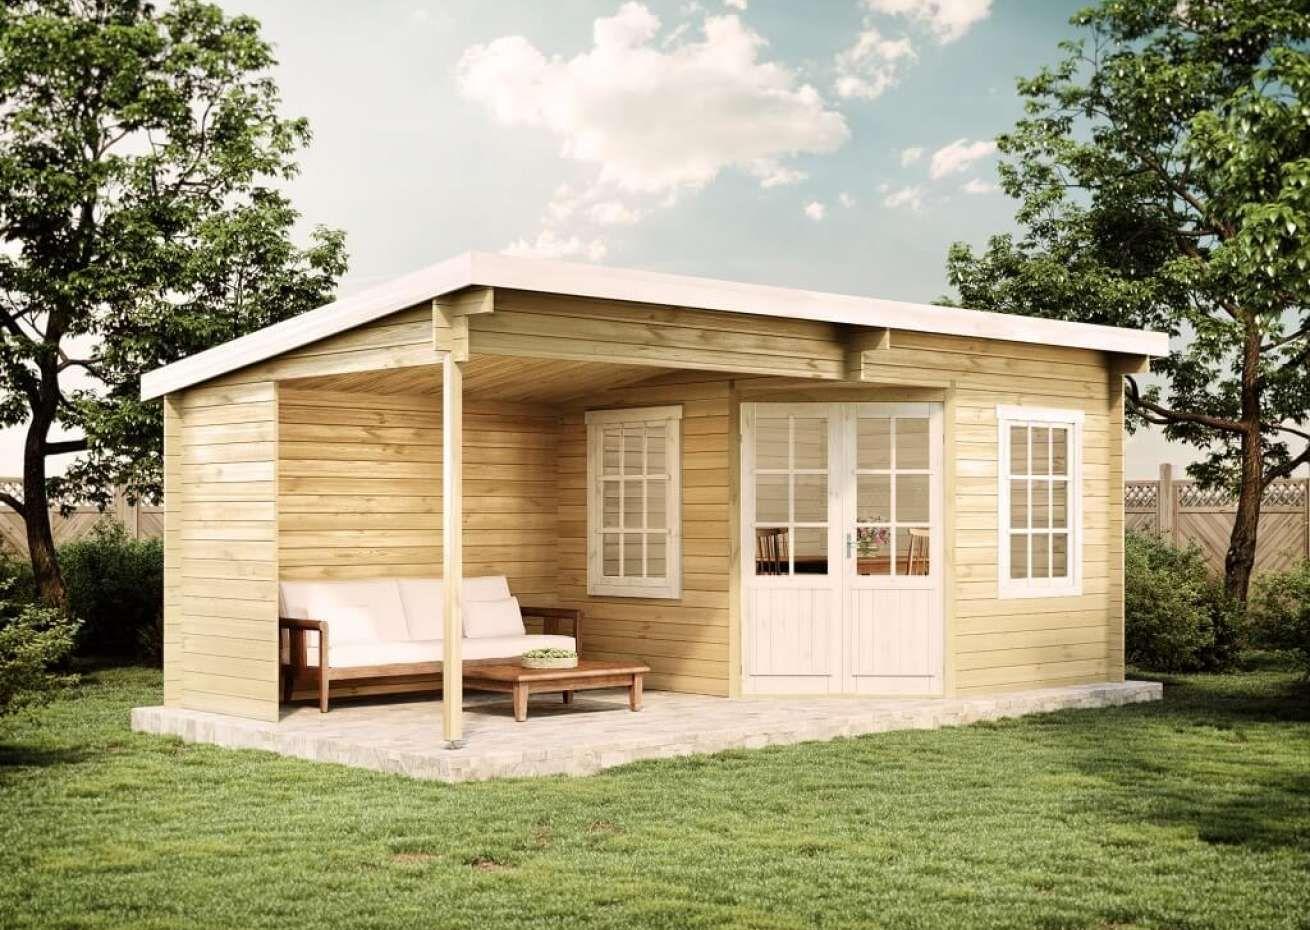 Gartenhaus Modell Carl 28 Gartenhaus Design Gartenhaus Und Haus